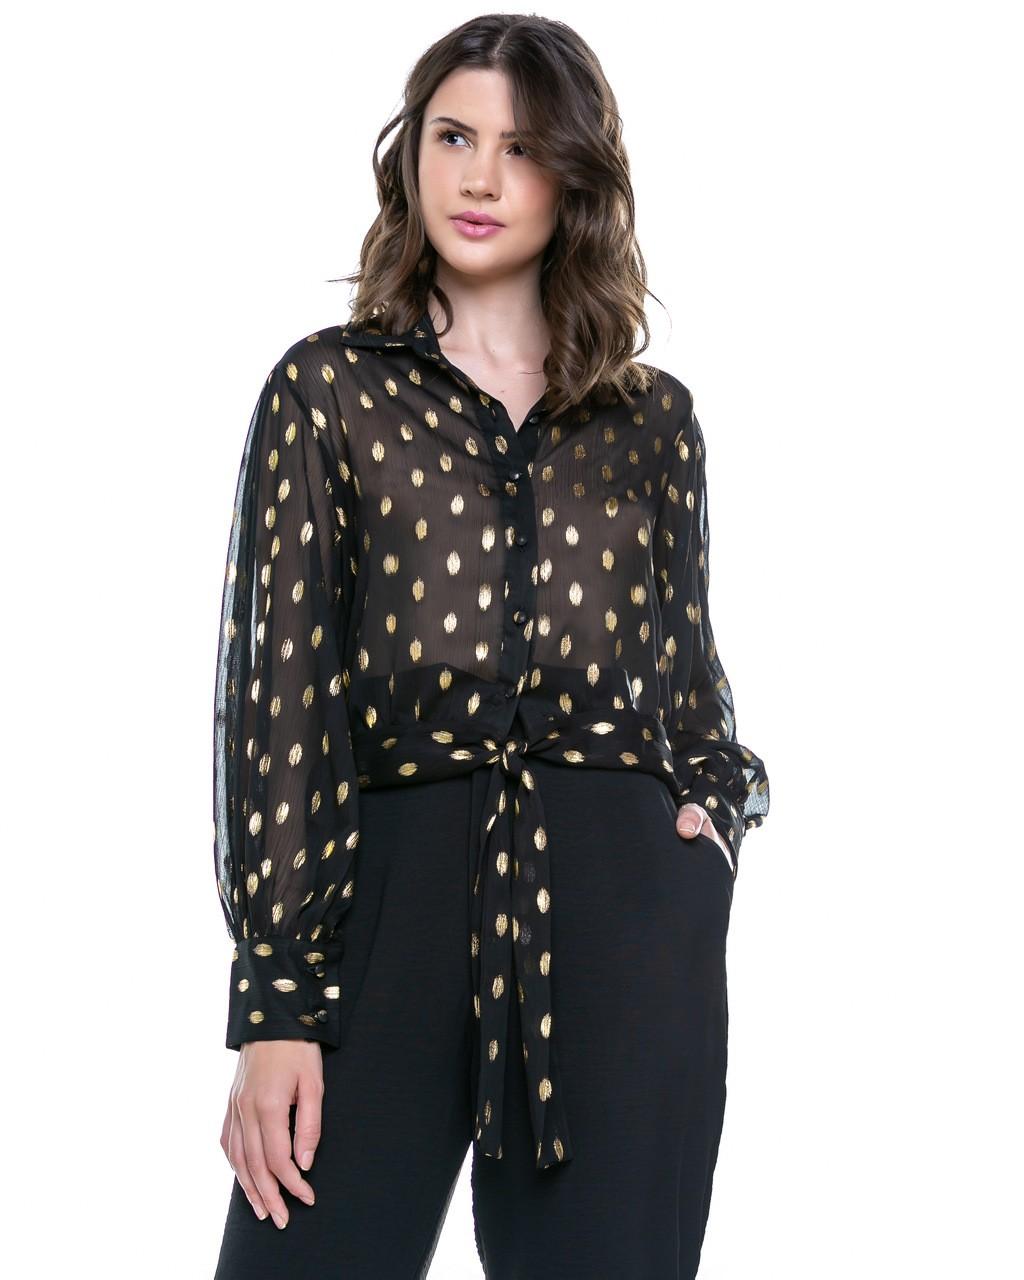 Camisa com Amarração e Poás Dourados